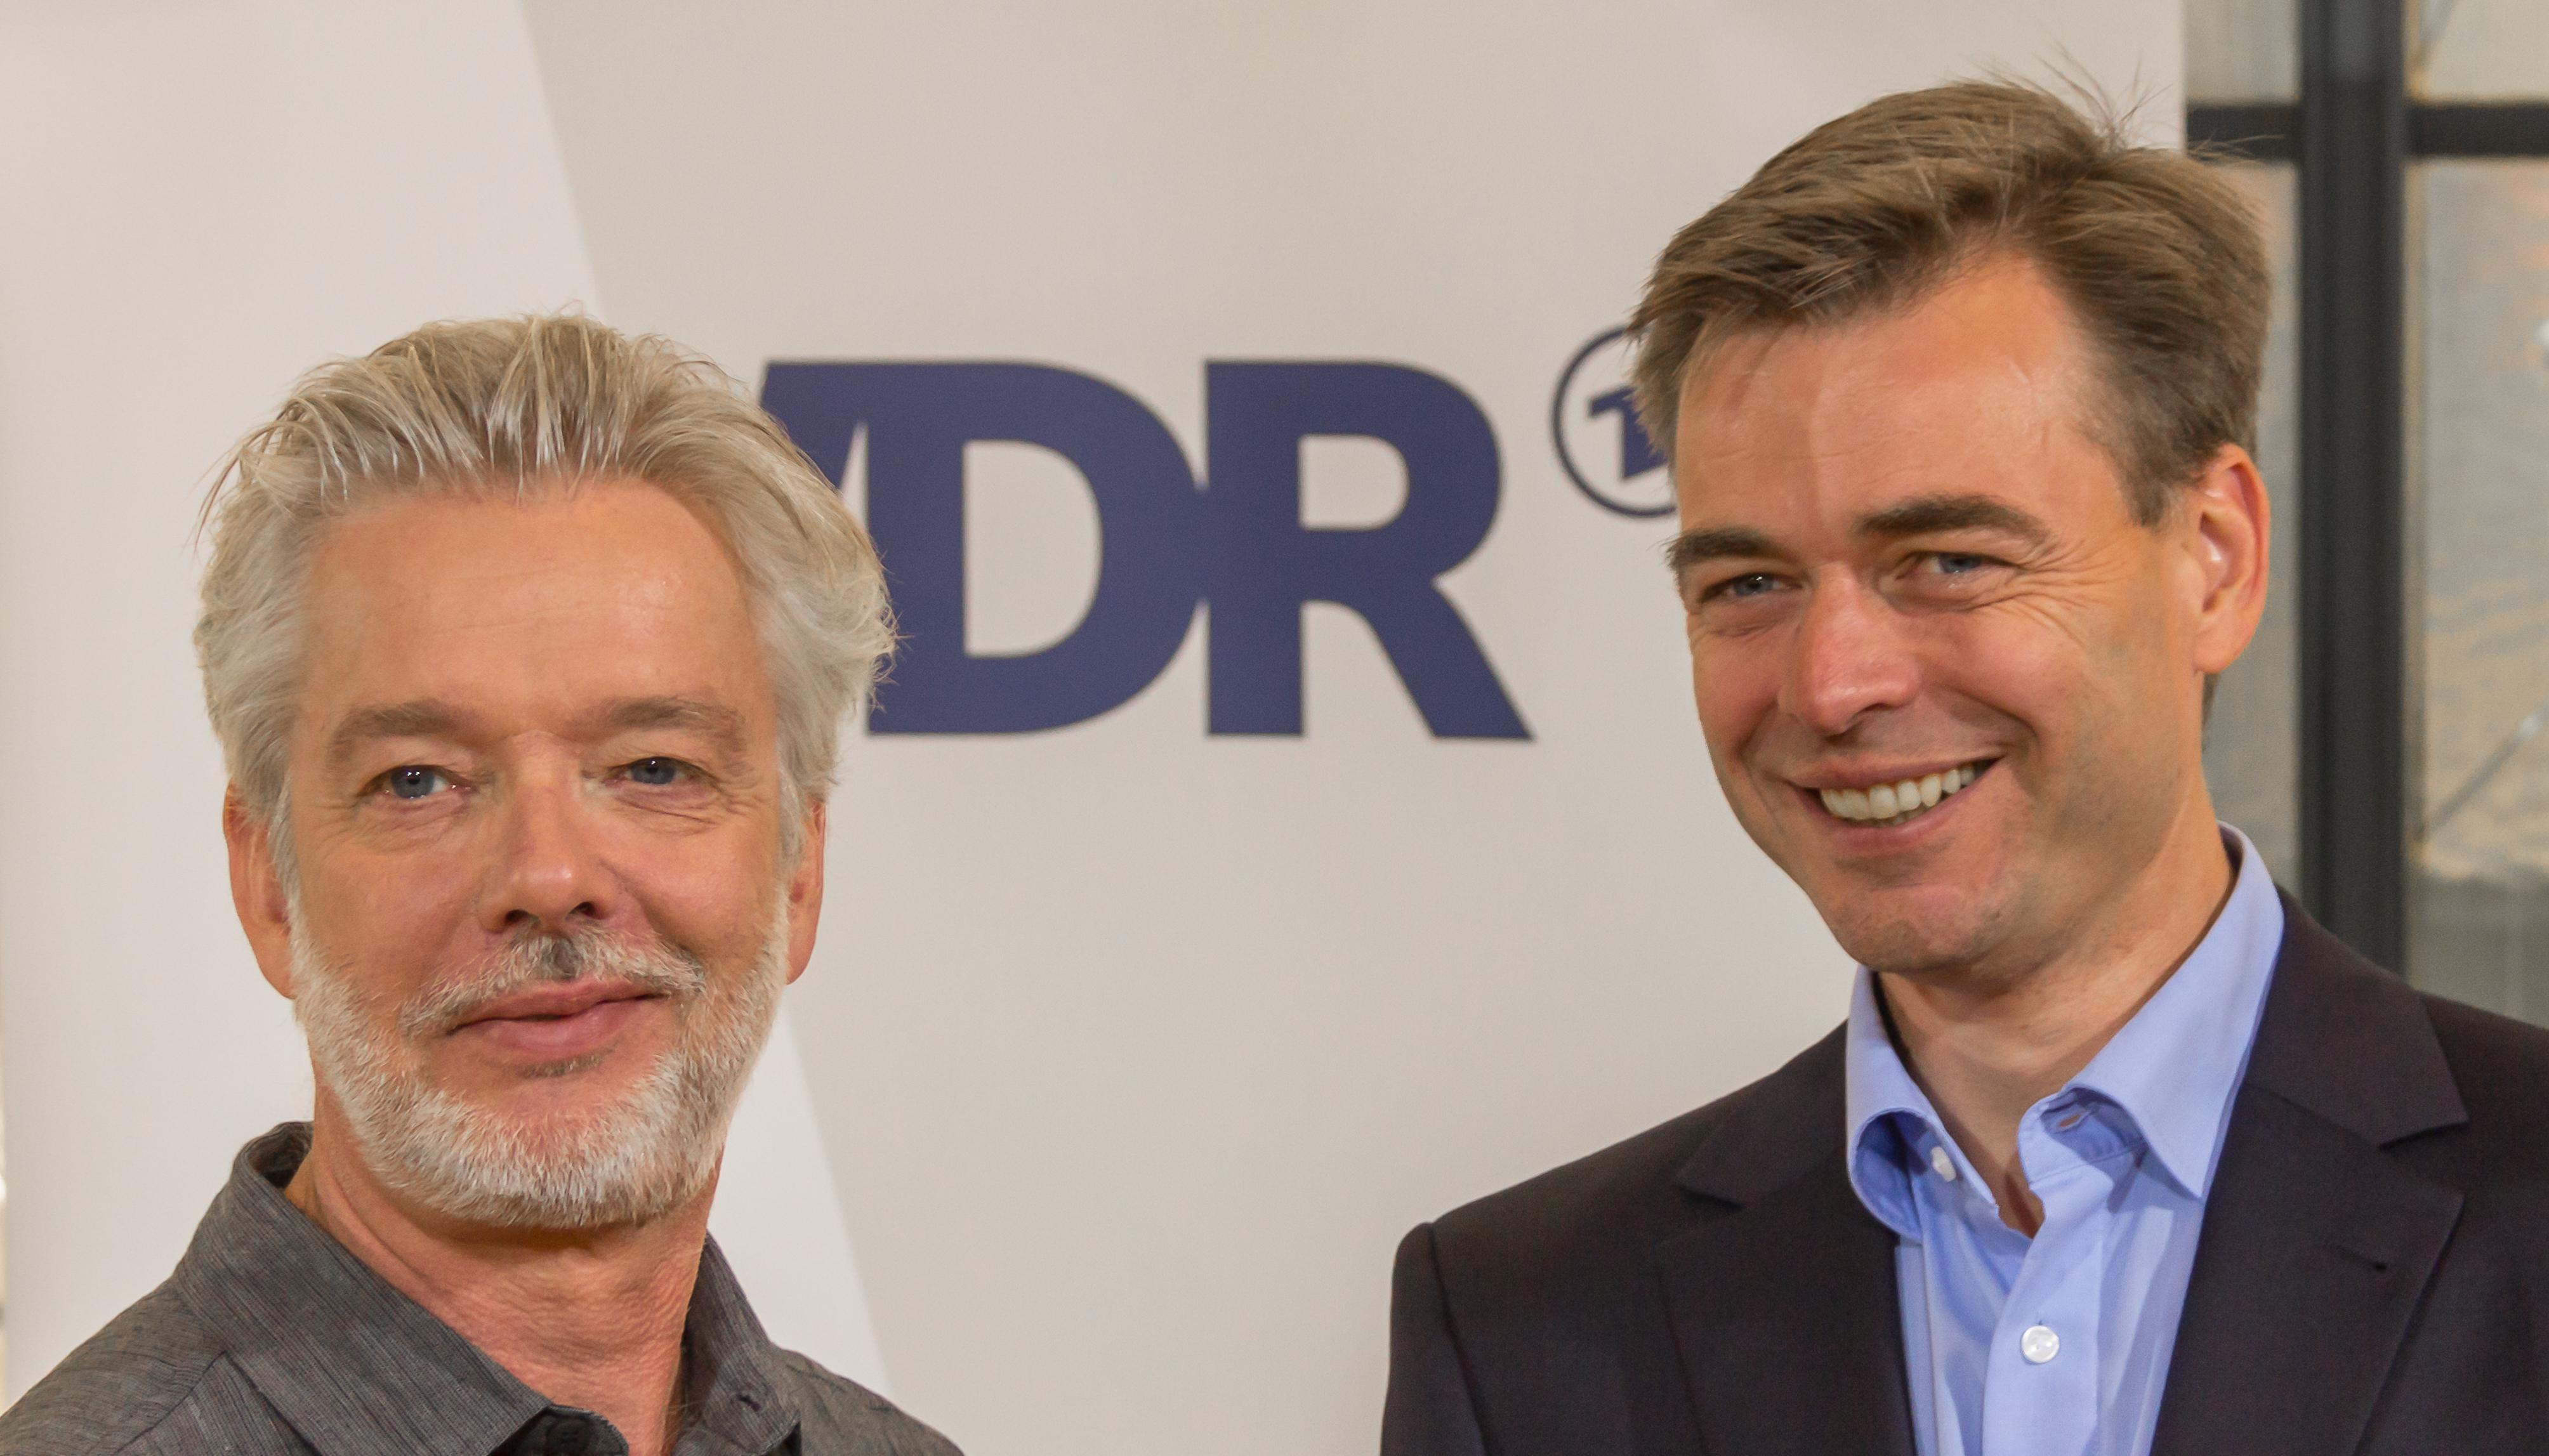 Chefdirigent des WDR Sinfonieorchesters Jukka-Pekka Saraste und Orchestermanager Siegwald Bütow © Raimond Spekking / CC BY-SA 4.0